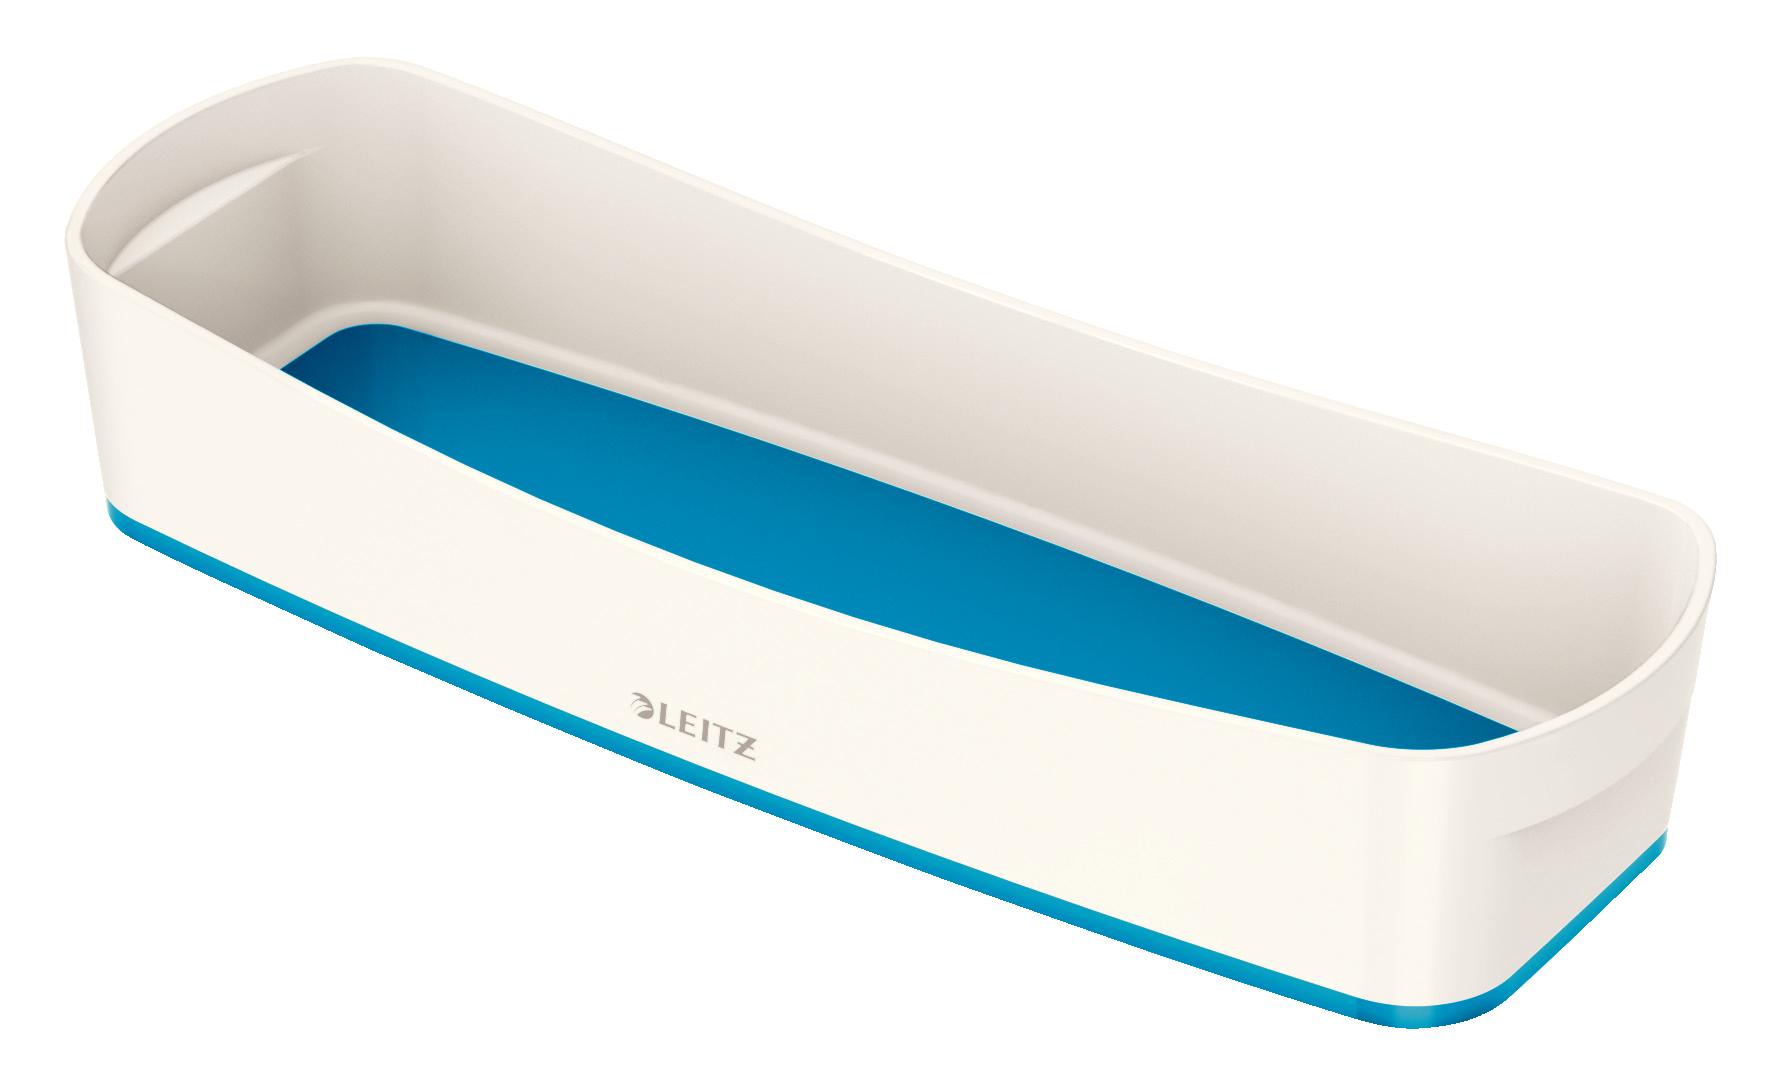 Tool Boxes Leitz MyBox Tray Organiser WOW White Blue